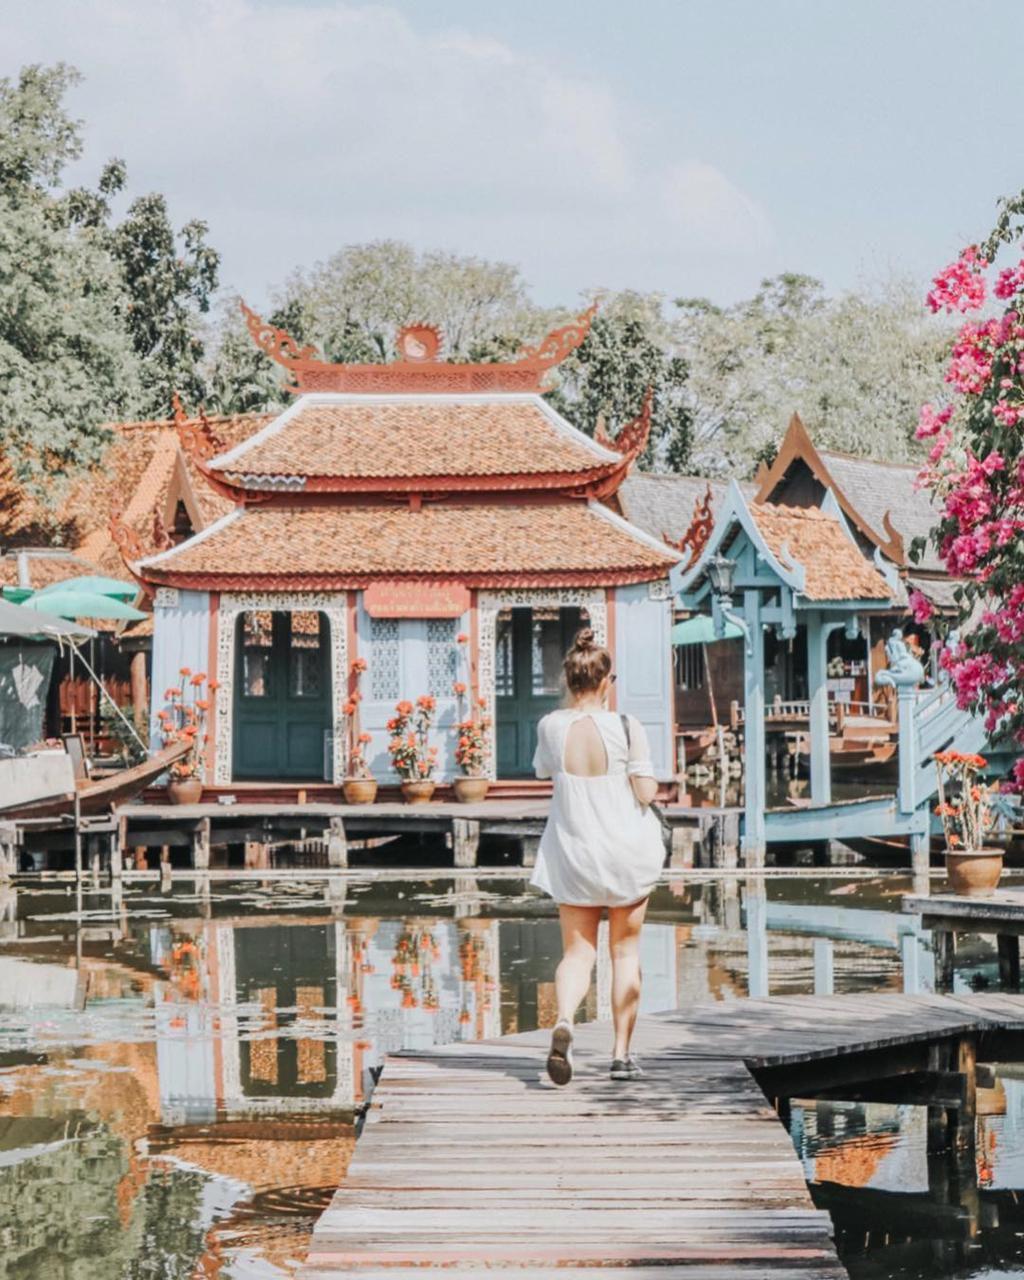 Thủy quái bao quanh ngôi đền trong thành cổ ở Thái Lan Ảnh 9